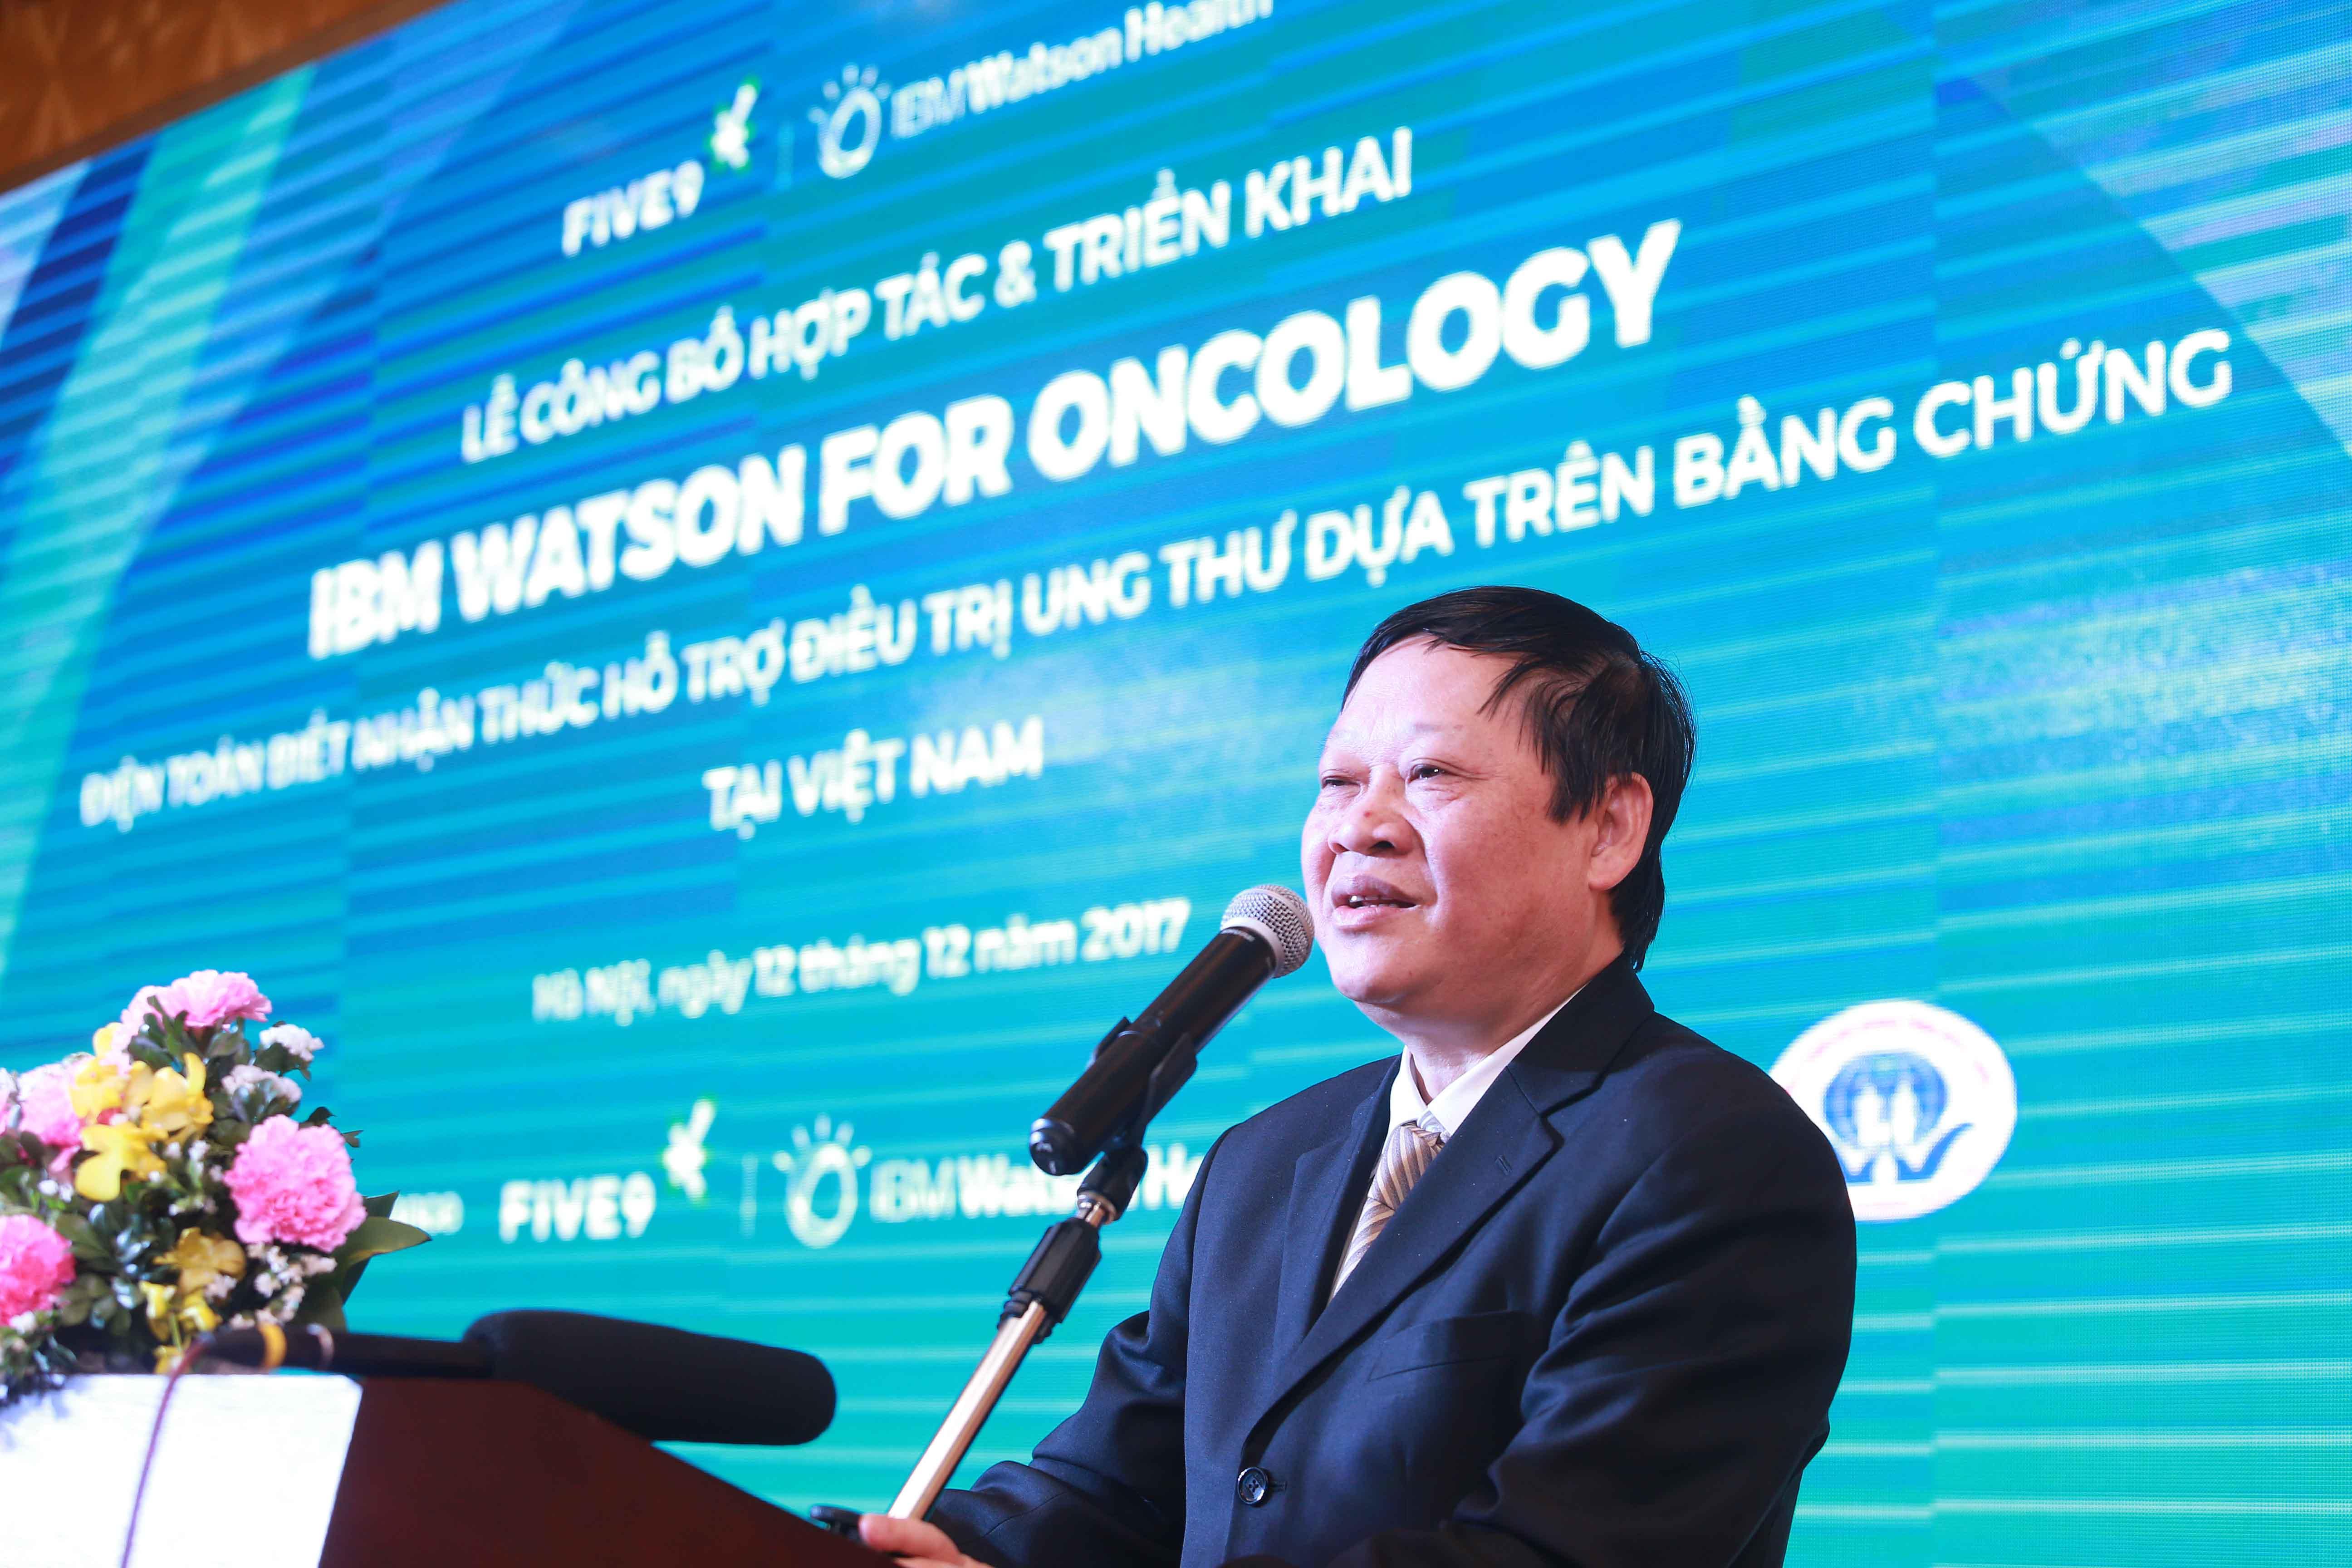 Thứ trưởng Nguyễn Viết Tiến công nghệ IBM Watson for Oncology tại Việt Nam